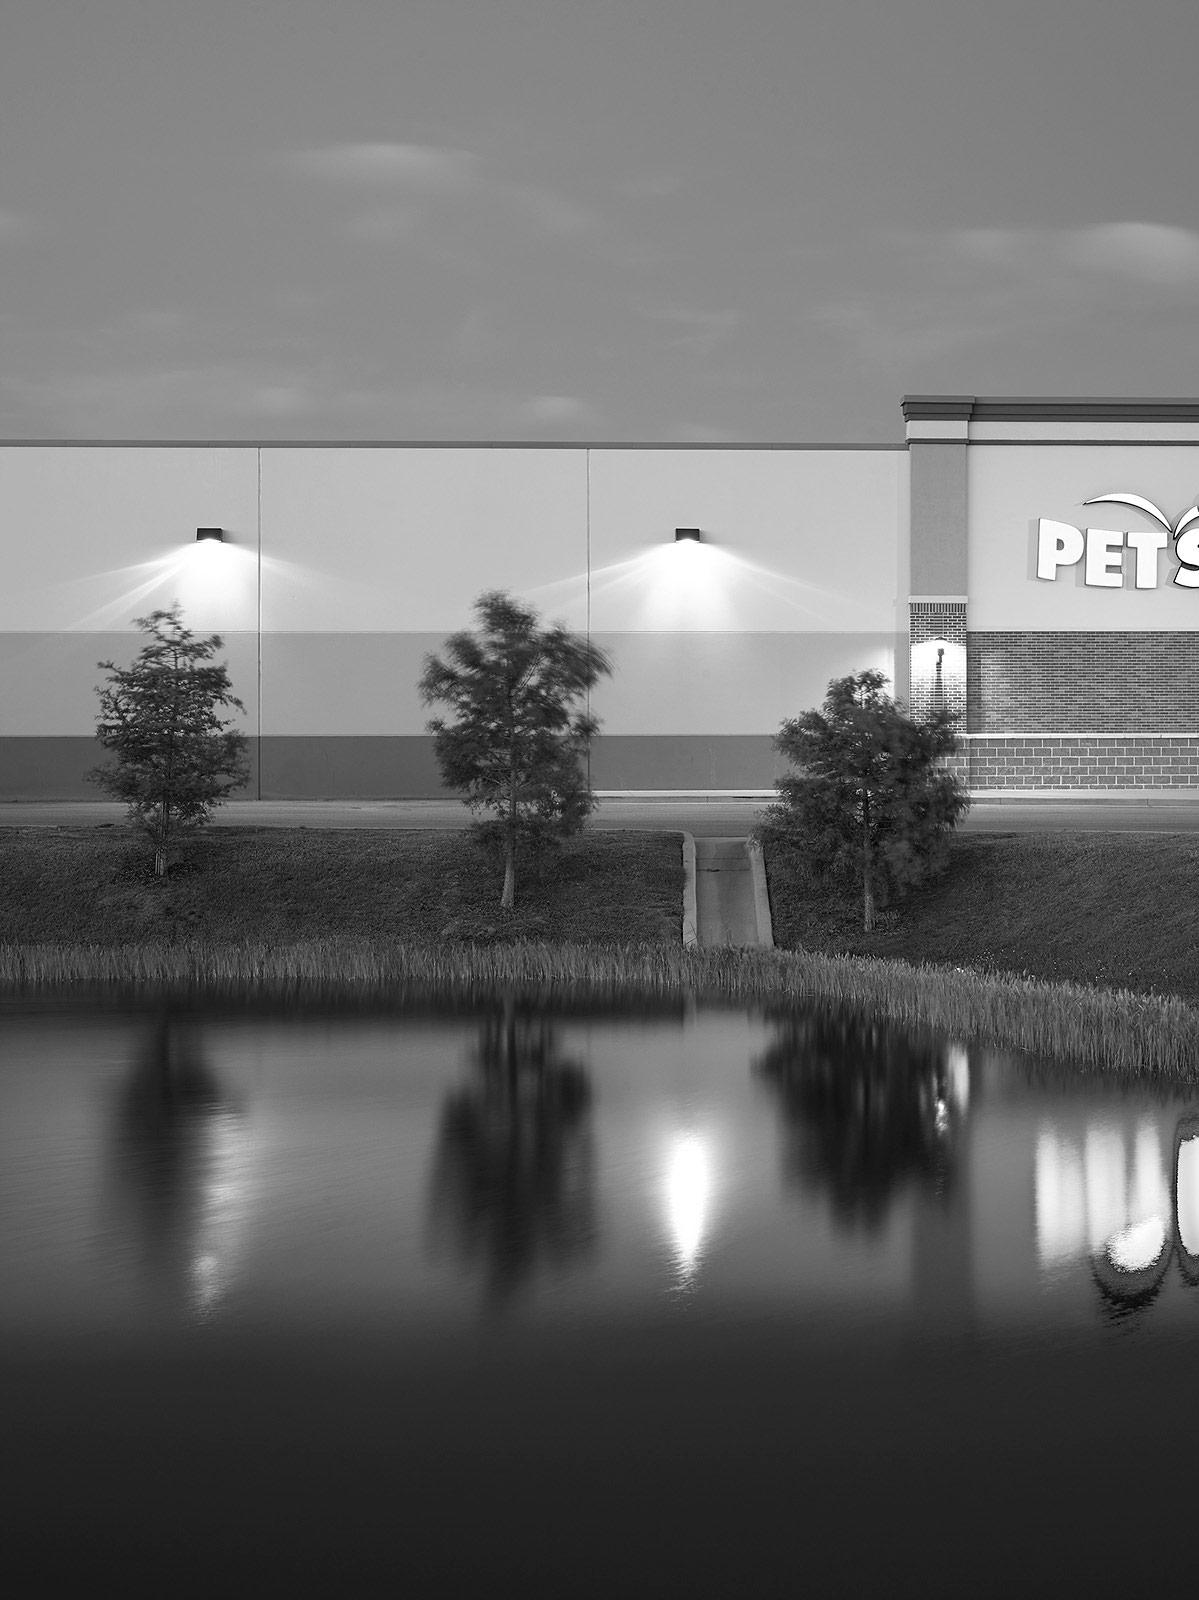 PetSmart, Pooler, GA